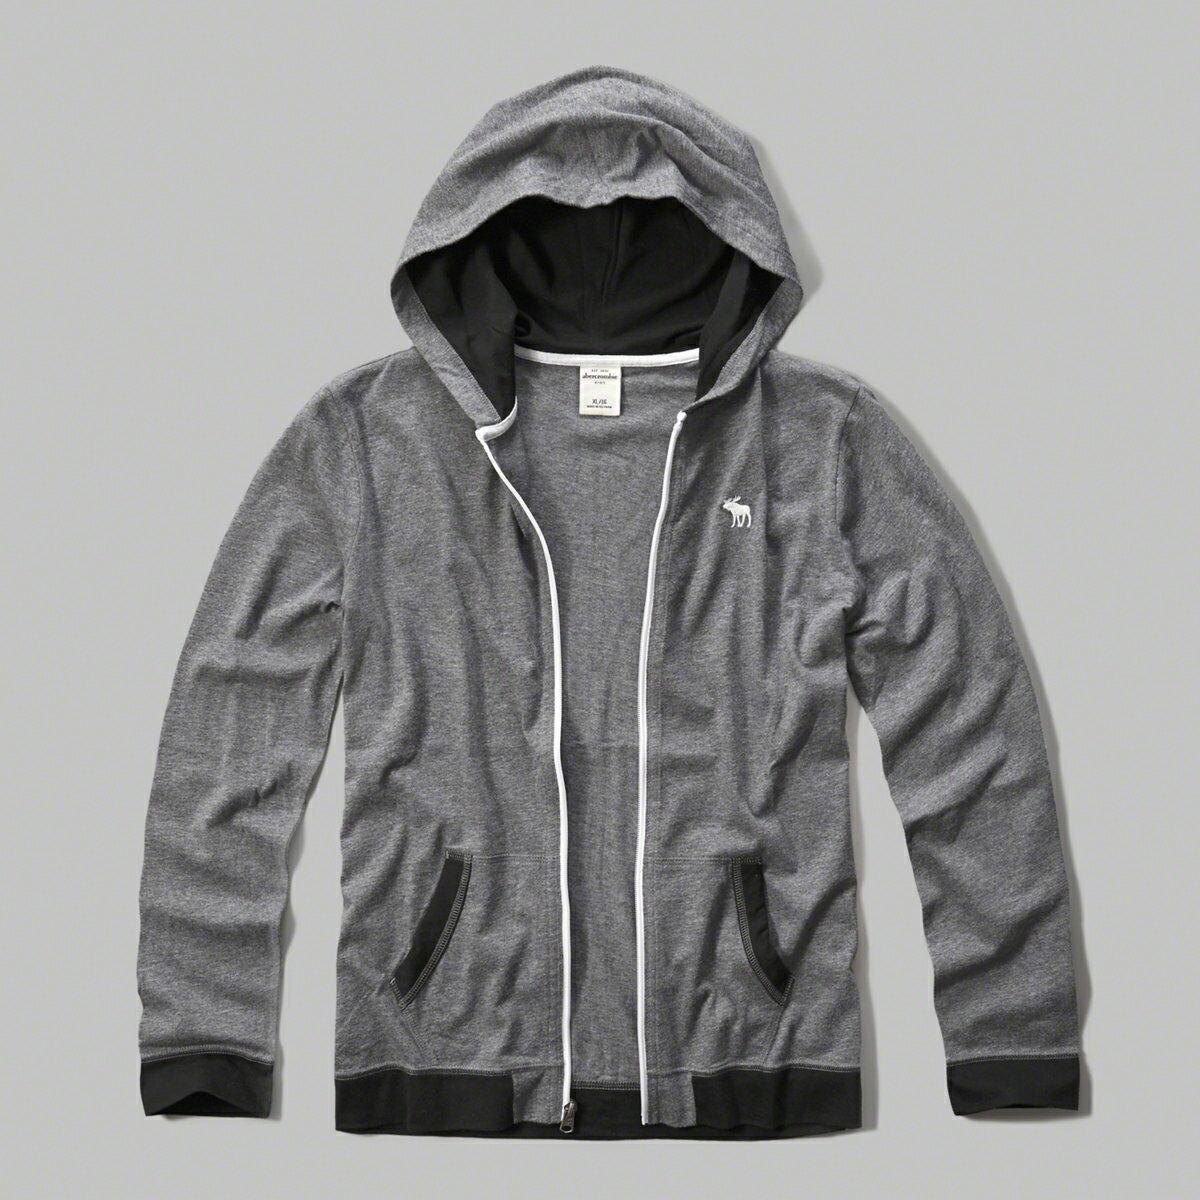 美國百分百【Abercrombie & Fitch】外套 AF 連帽 長袖 夾克 麋鹿 灰 滾邊 男 女 特價 S號 F802